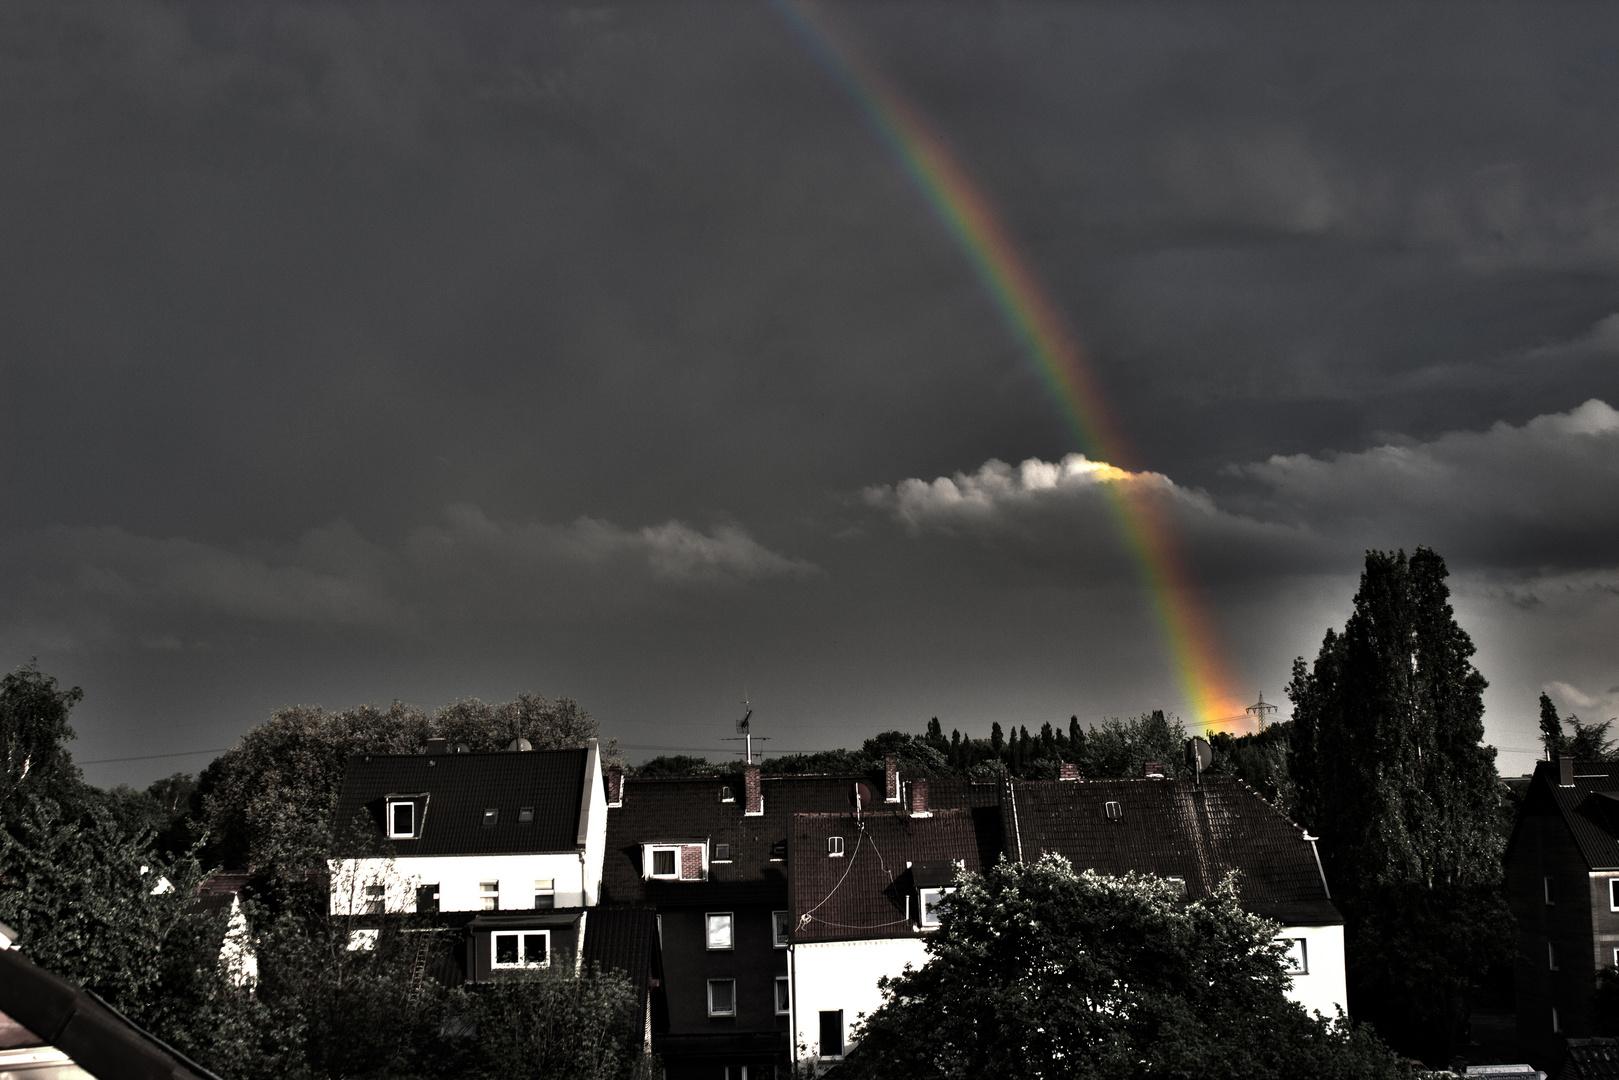 Rainbow over Duisburg